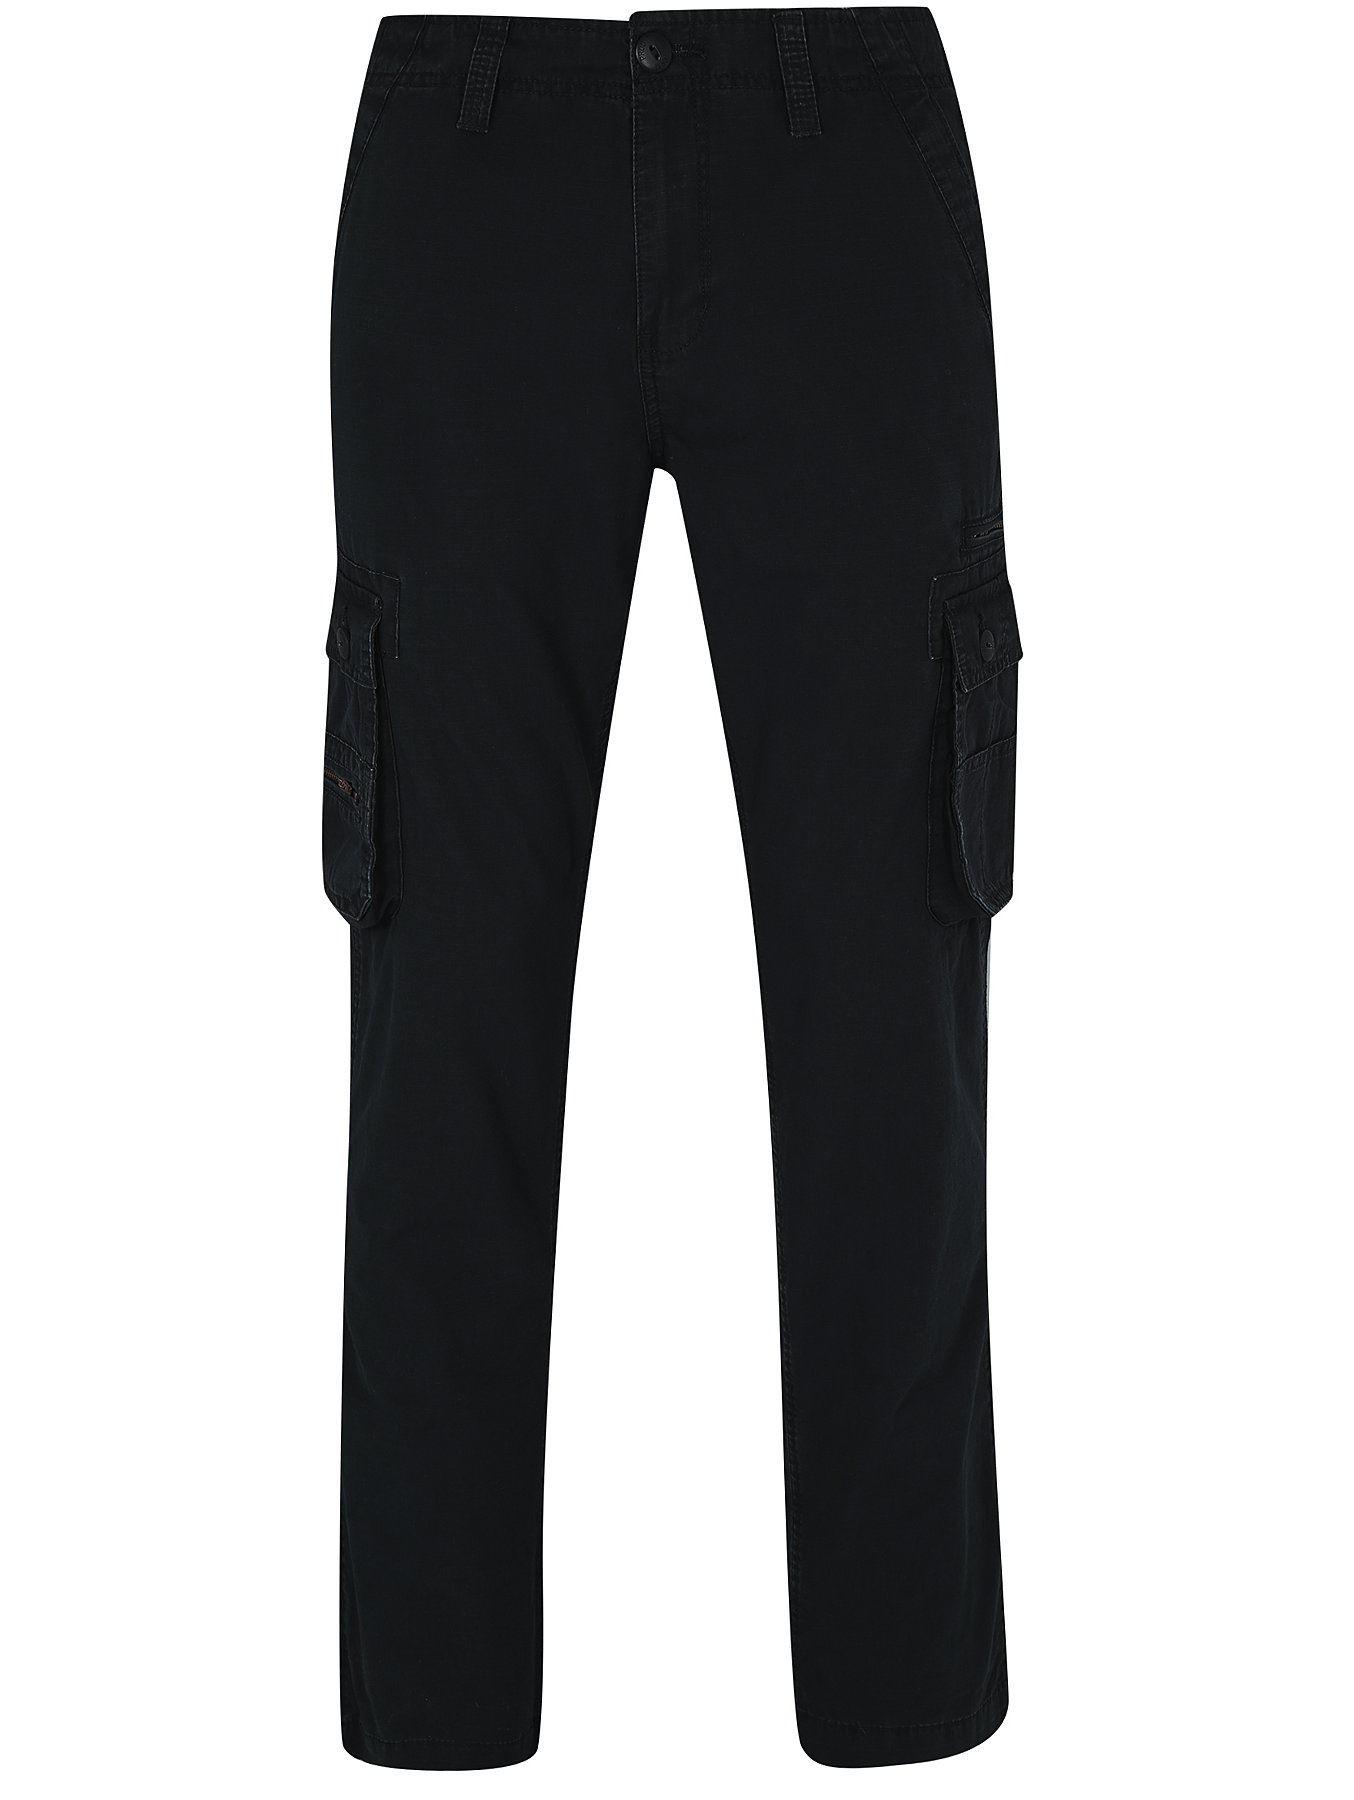 Men-s-Cargo-Combat-Work-Heavy-Trousers-100-Cotton-Plain-Pants-Ex-Store thumbnail 2